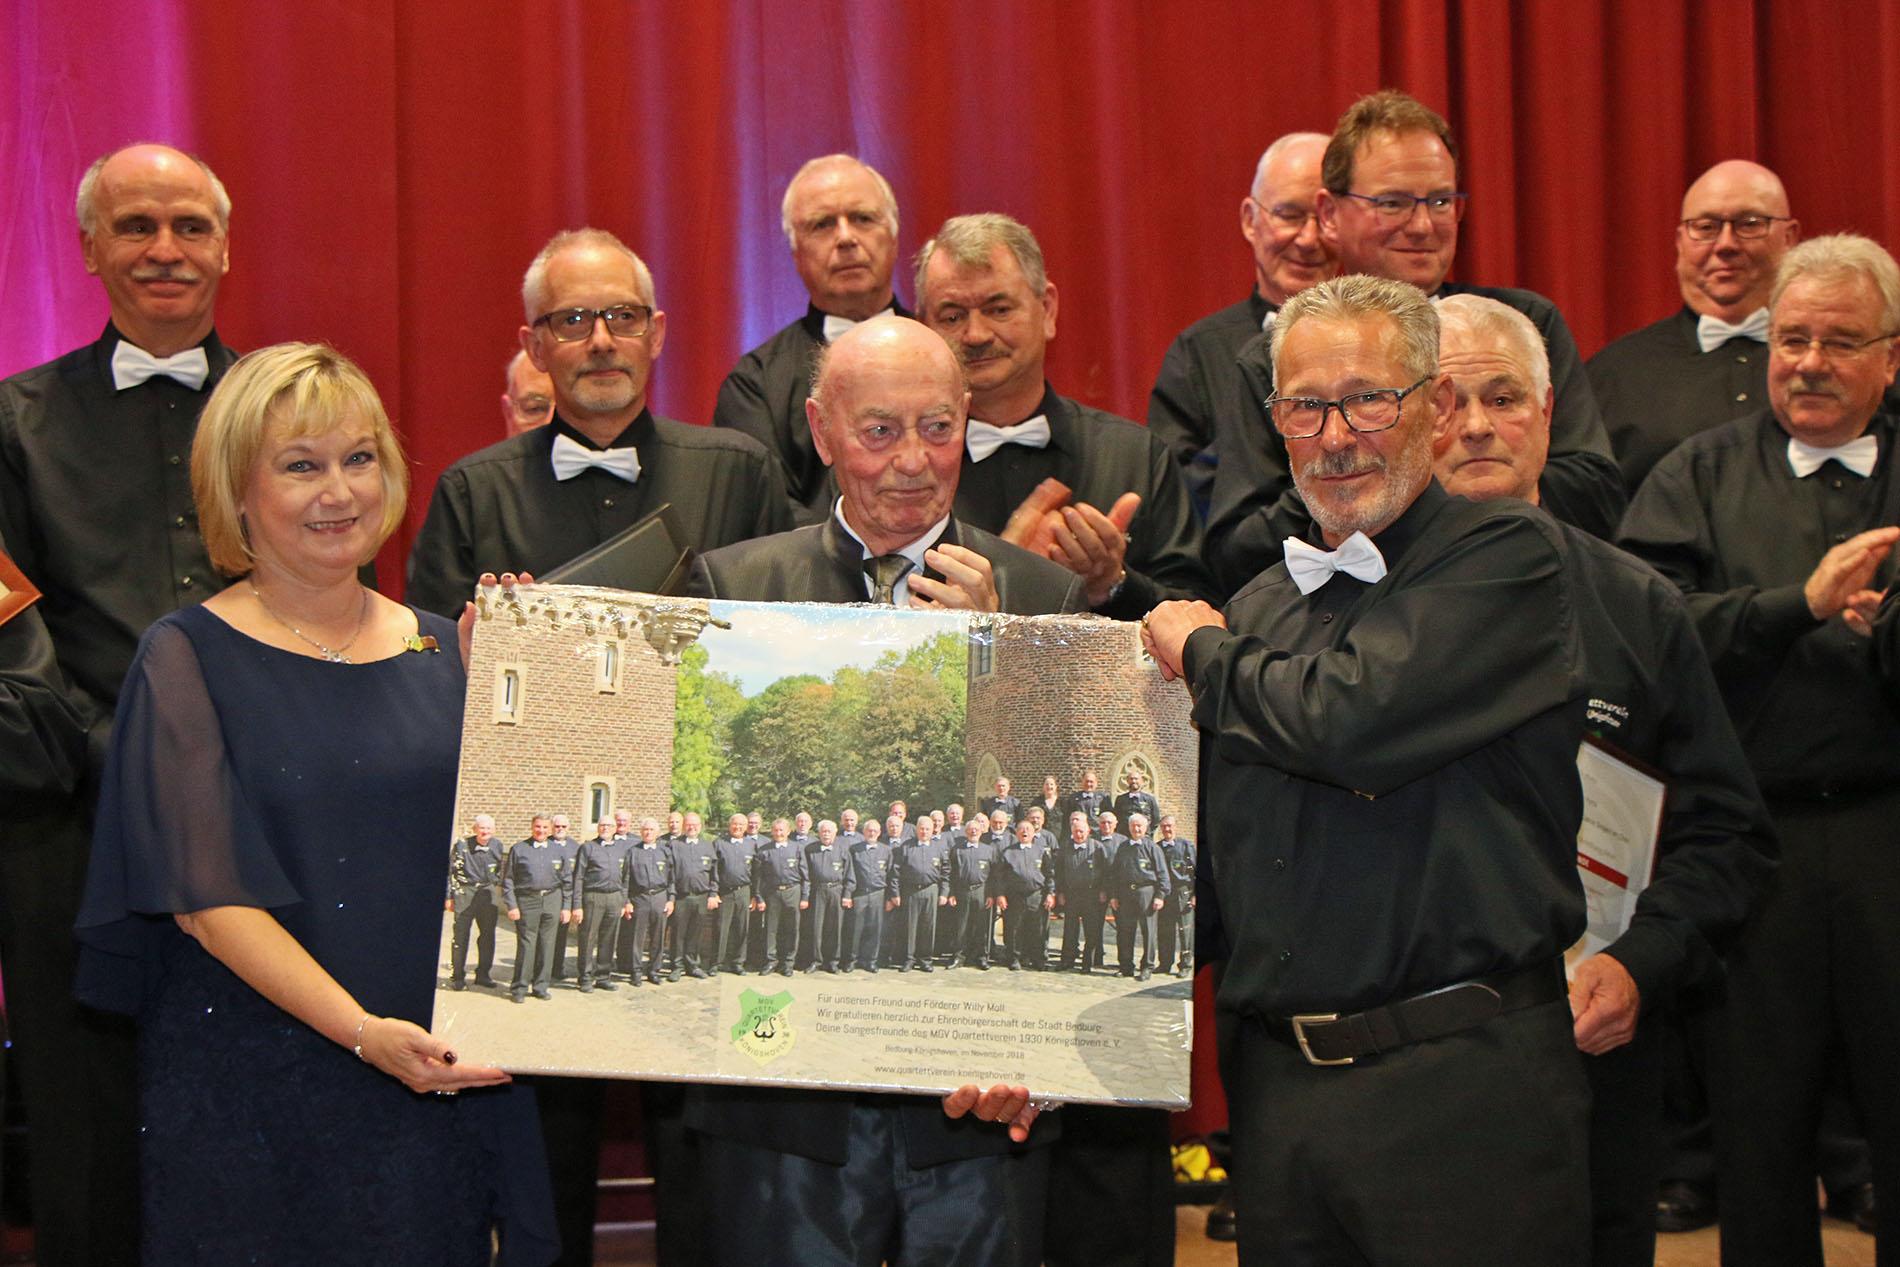 Die Überraschung mit dieser großen Fotoleinwand samt persönlicher Widmung an den neuen Ehrenbürger der Stadt Bedburg, Willy Moll, war sichtlich gelungen.